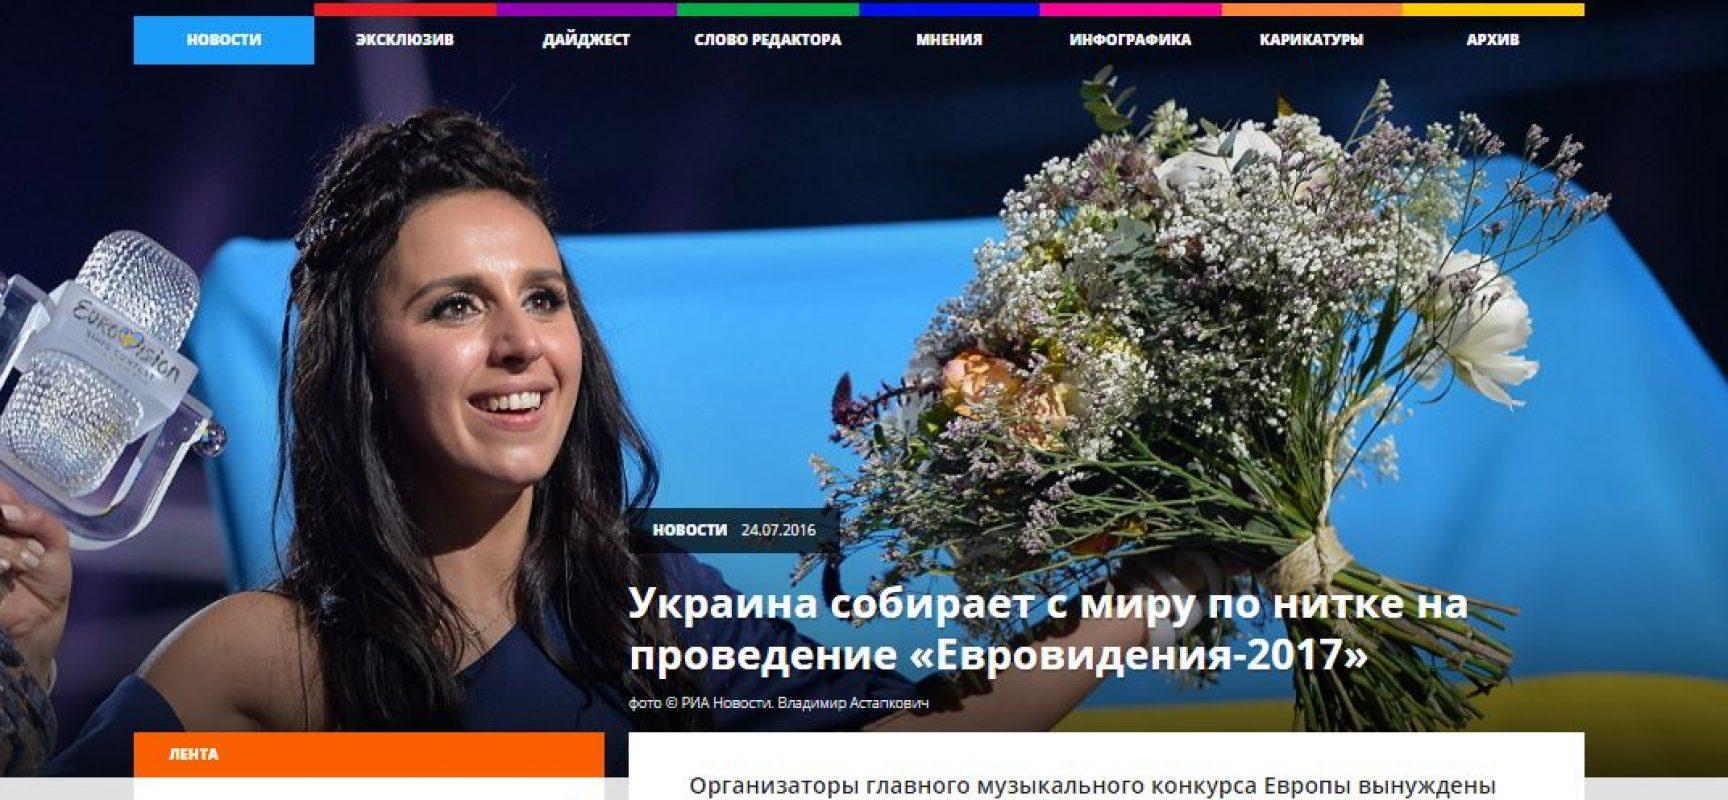 Fake: L'Ucraina sollecita i fondi per organizzare Eurovision-2017